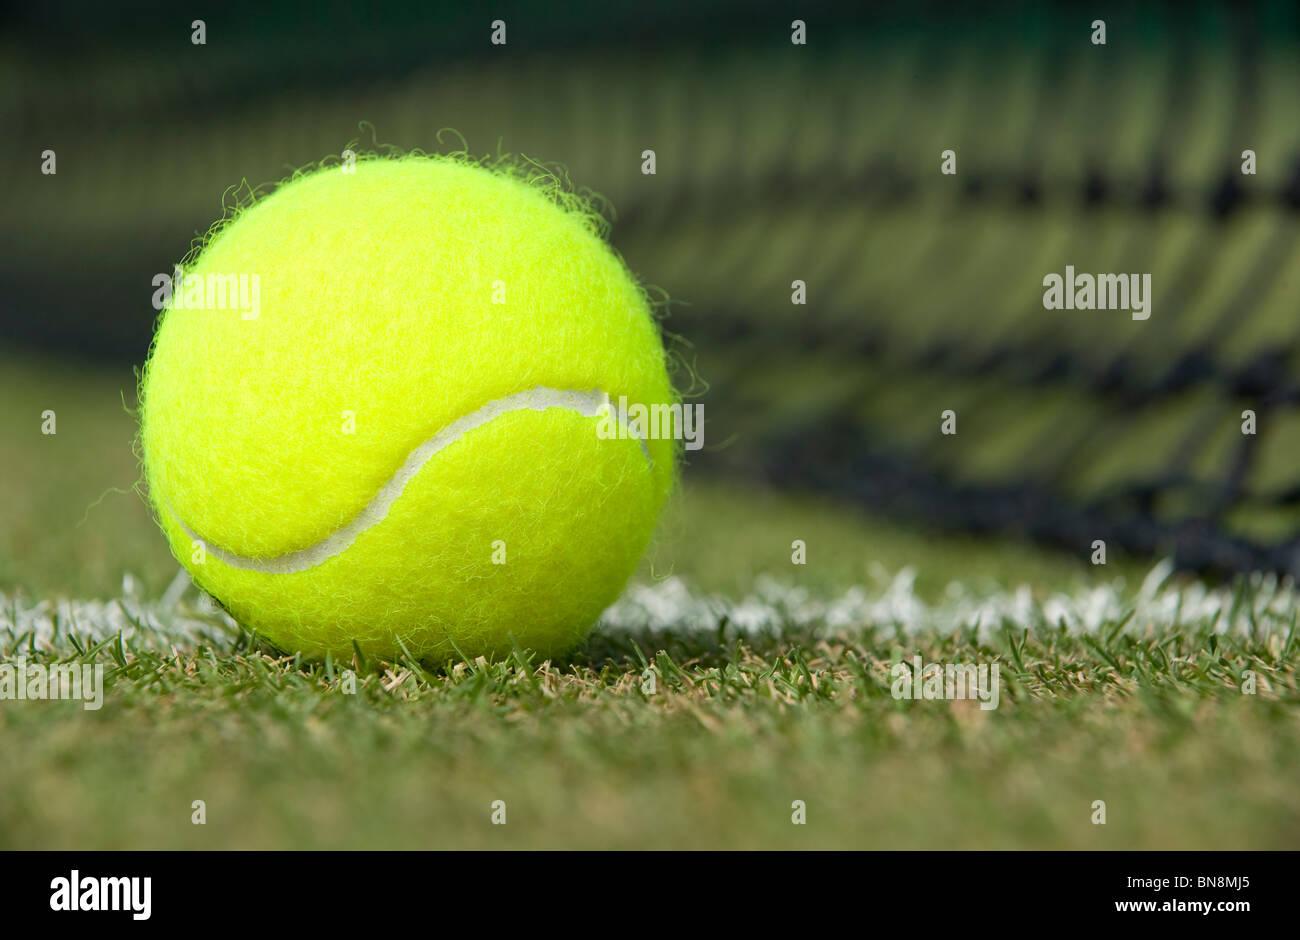 Ein Tennisball sitzt auf einem Rasenplatz Stockfoto